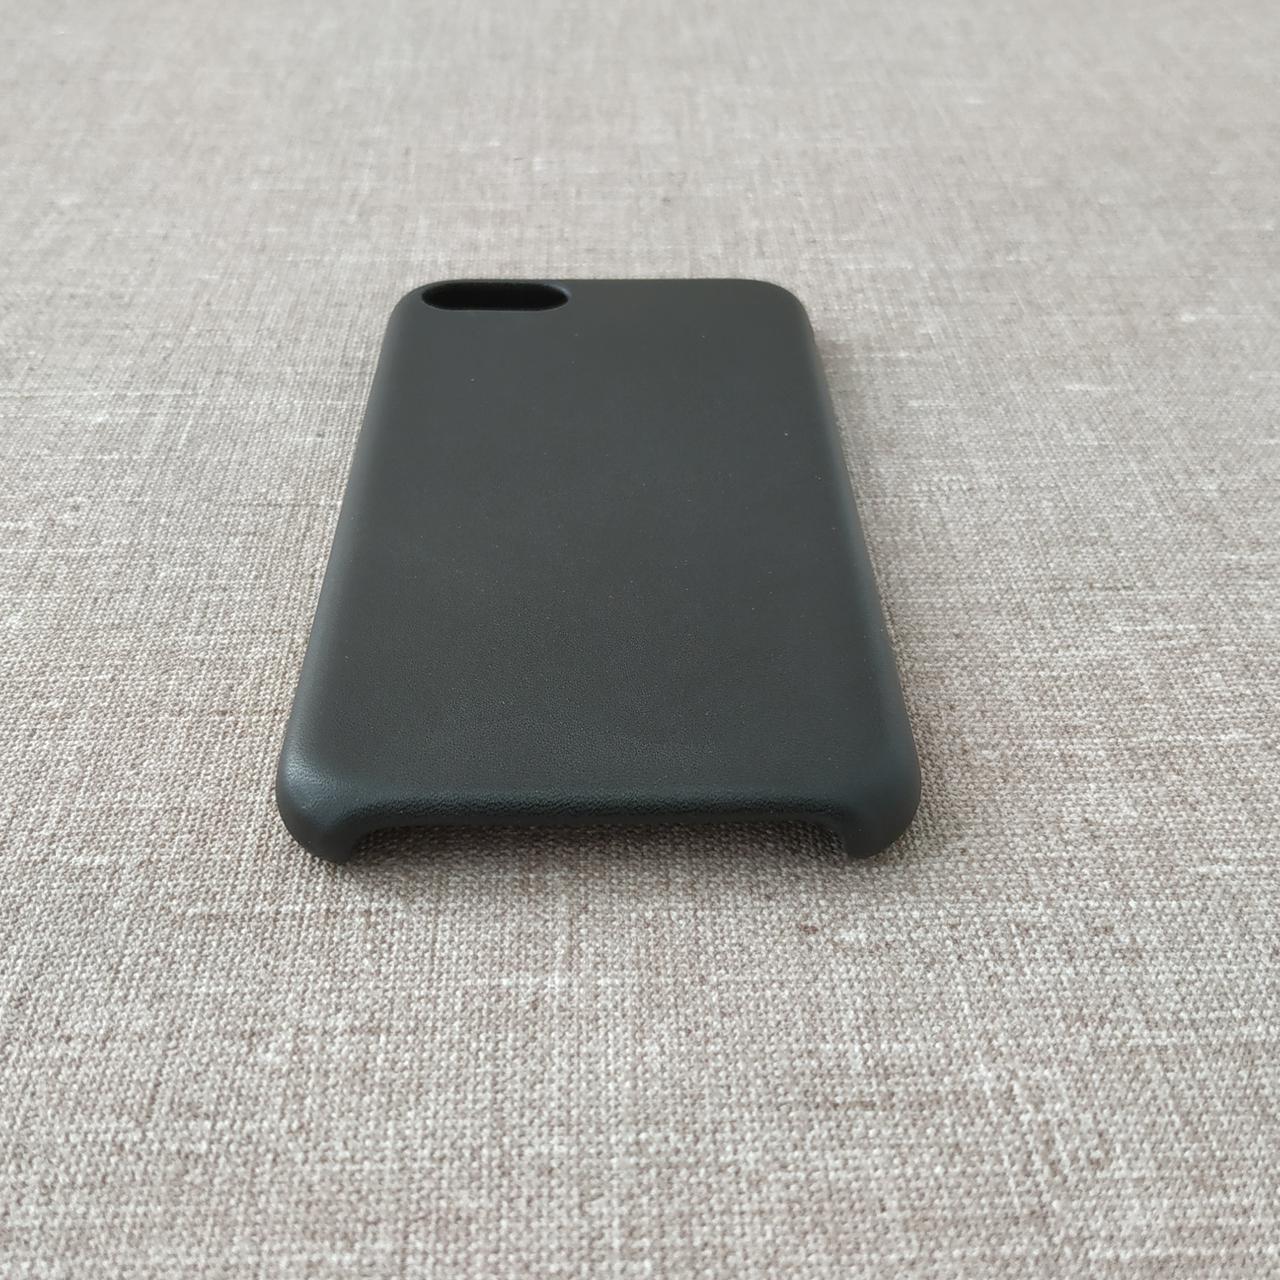 2E PU iPhone 7 black Для телефона Черный Чехол